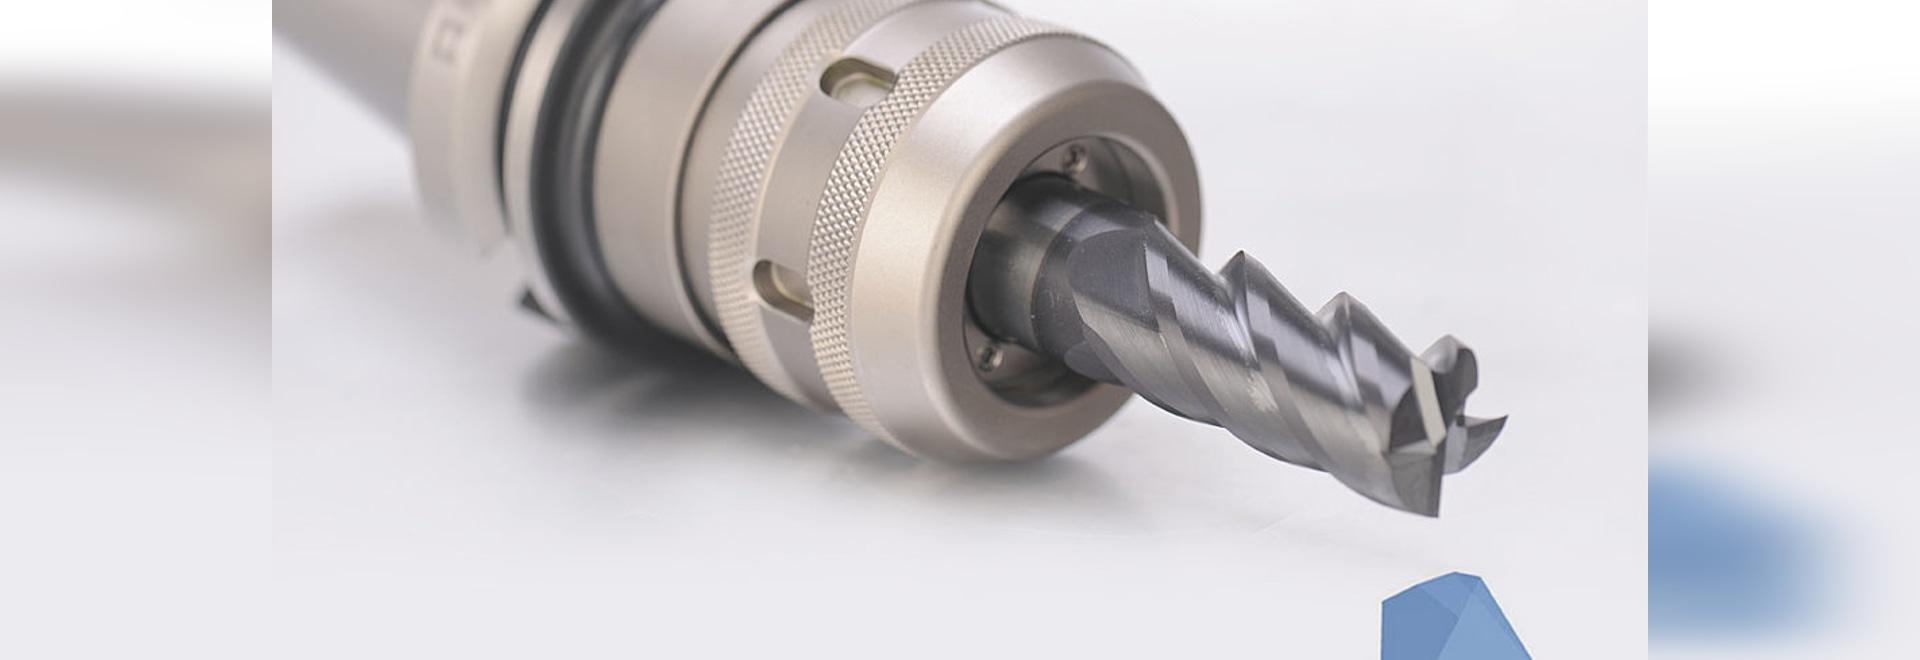 Treiben Sie Klemme/mit geradem Metallring ø 20-42 Millimeter an | BT30, BT40, BT50 | BT-MLC Reihe